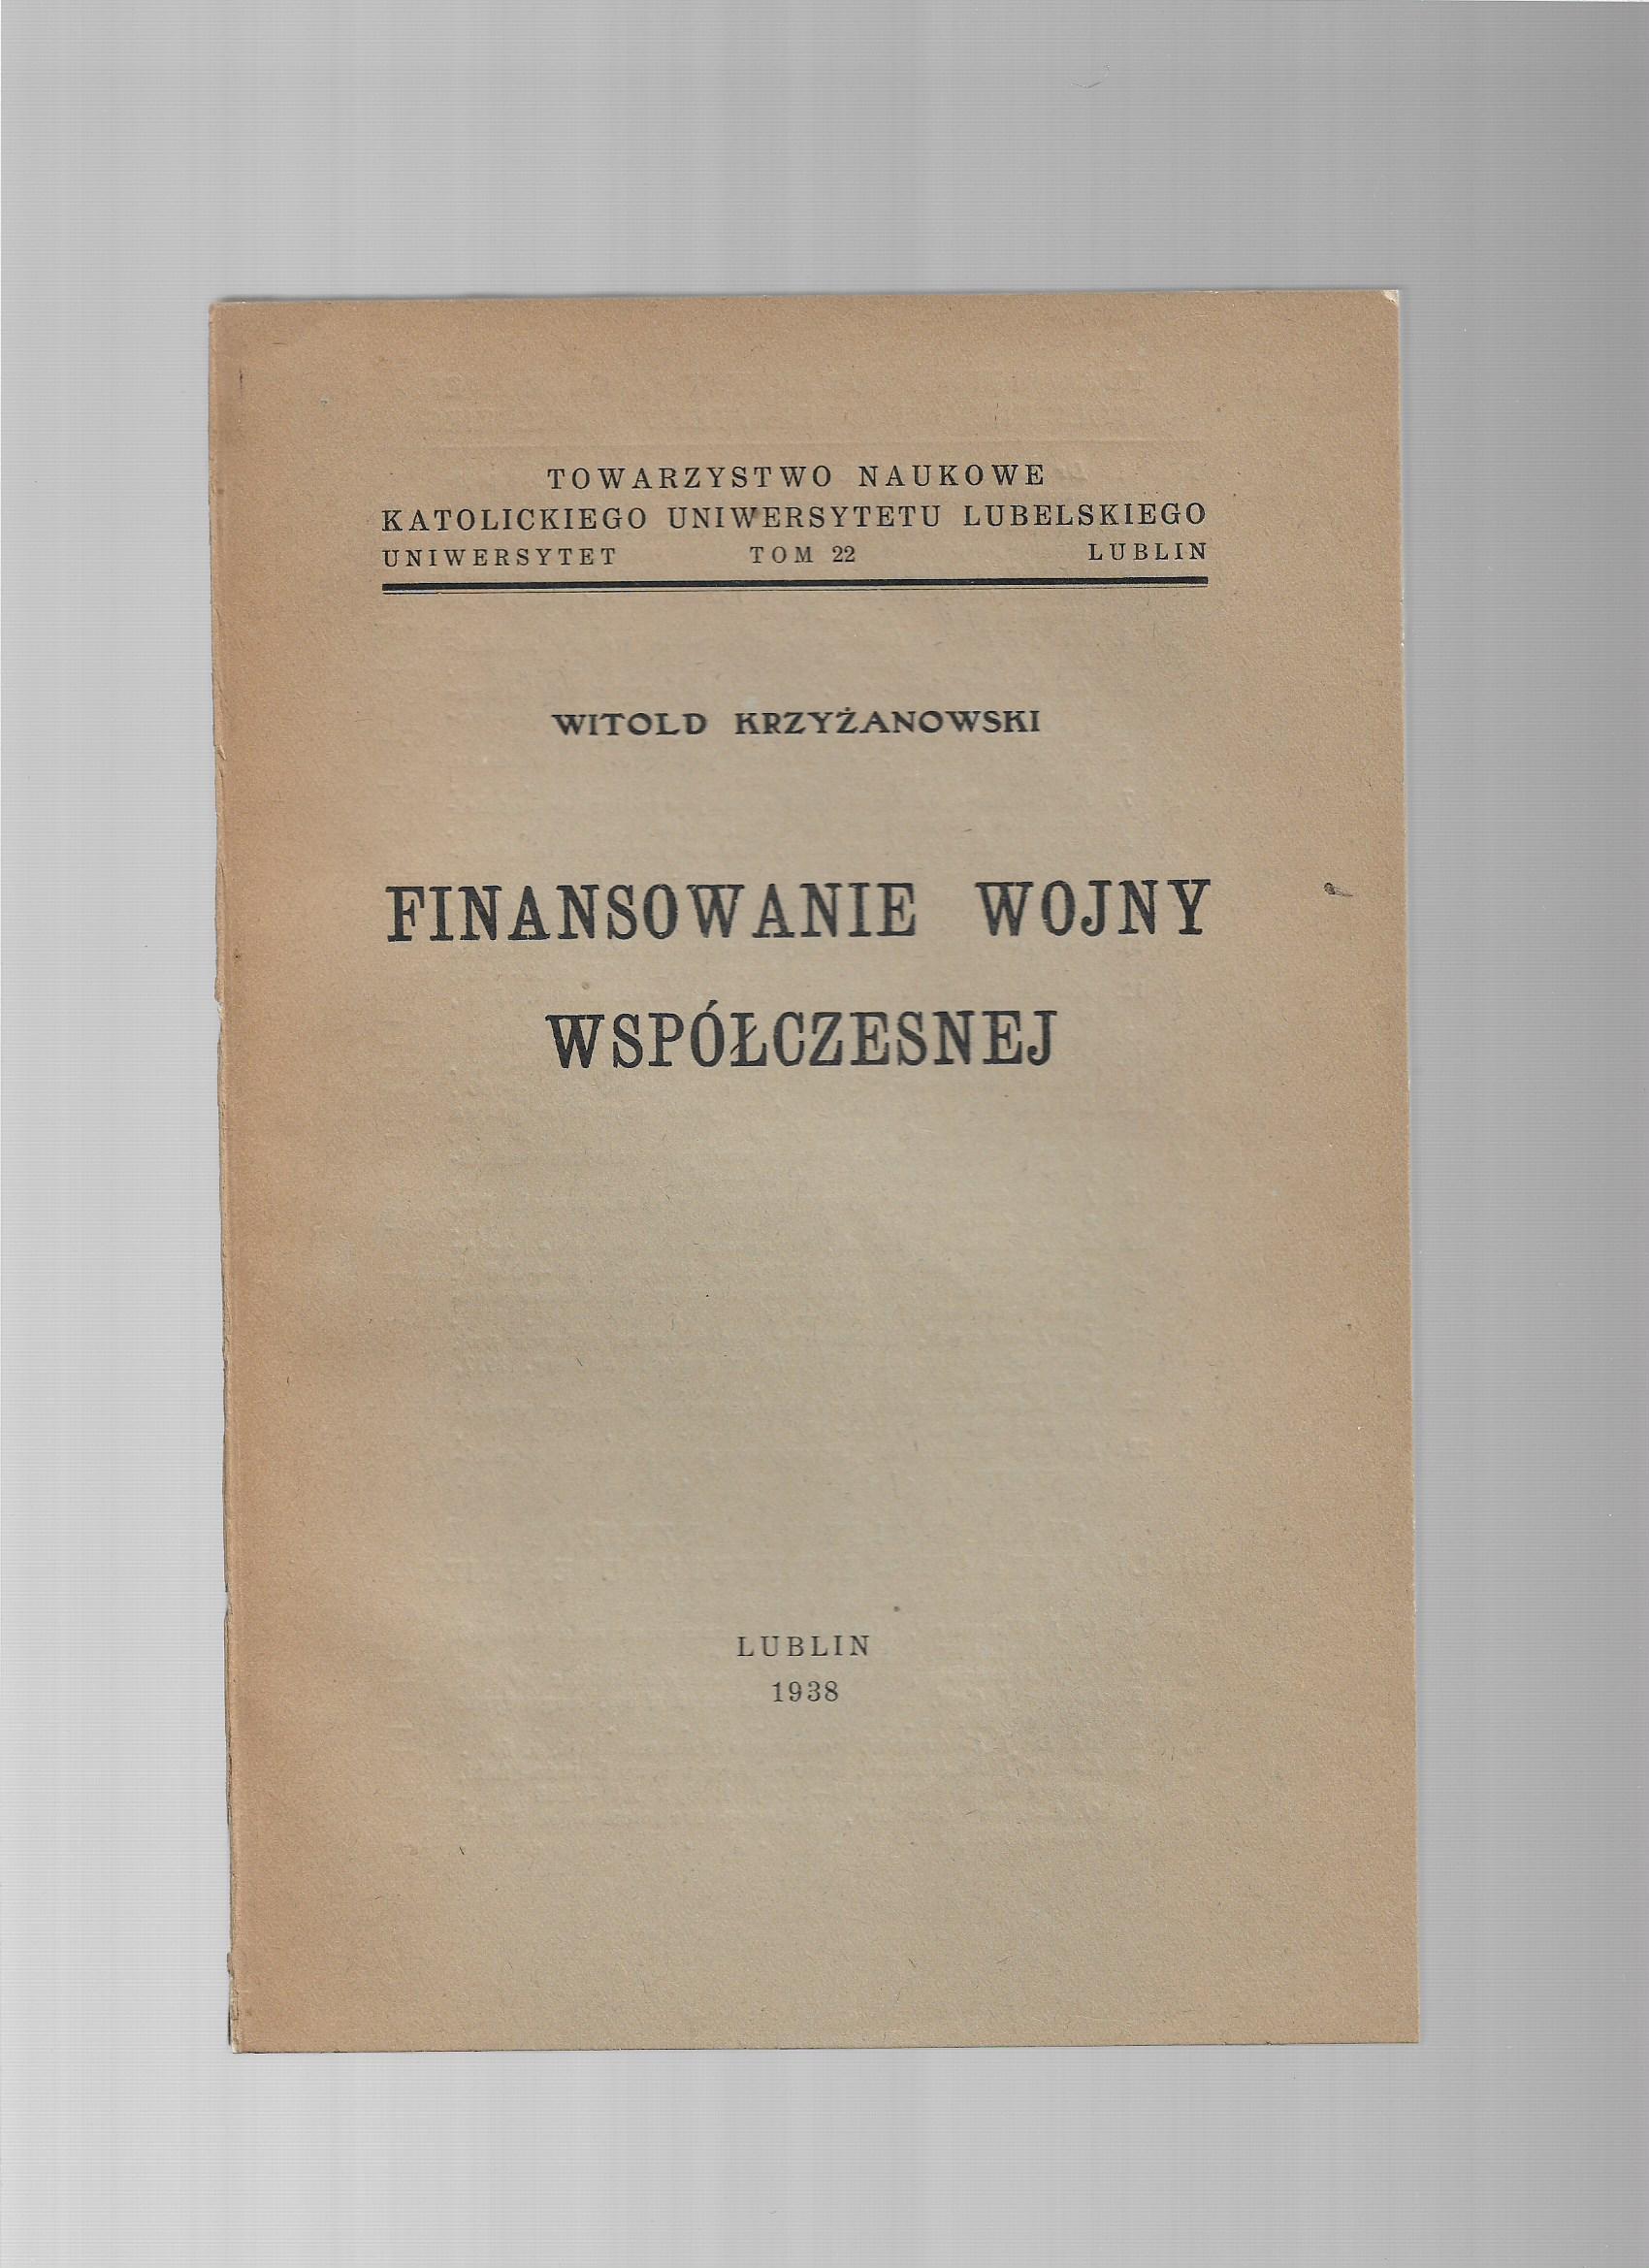 Finansowanie wojny współczesnej Krzyżanowski 1938